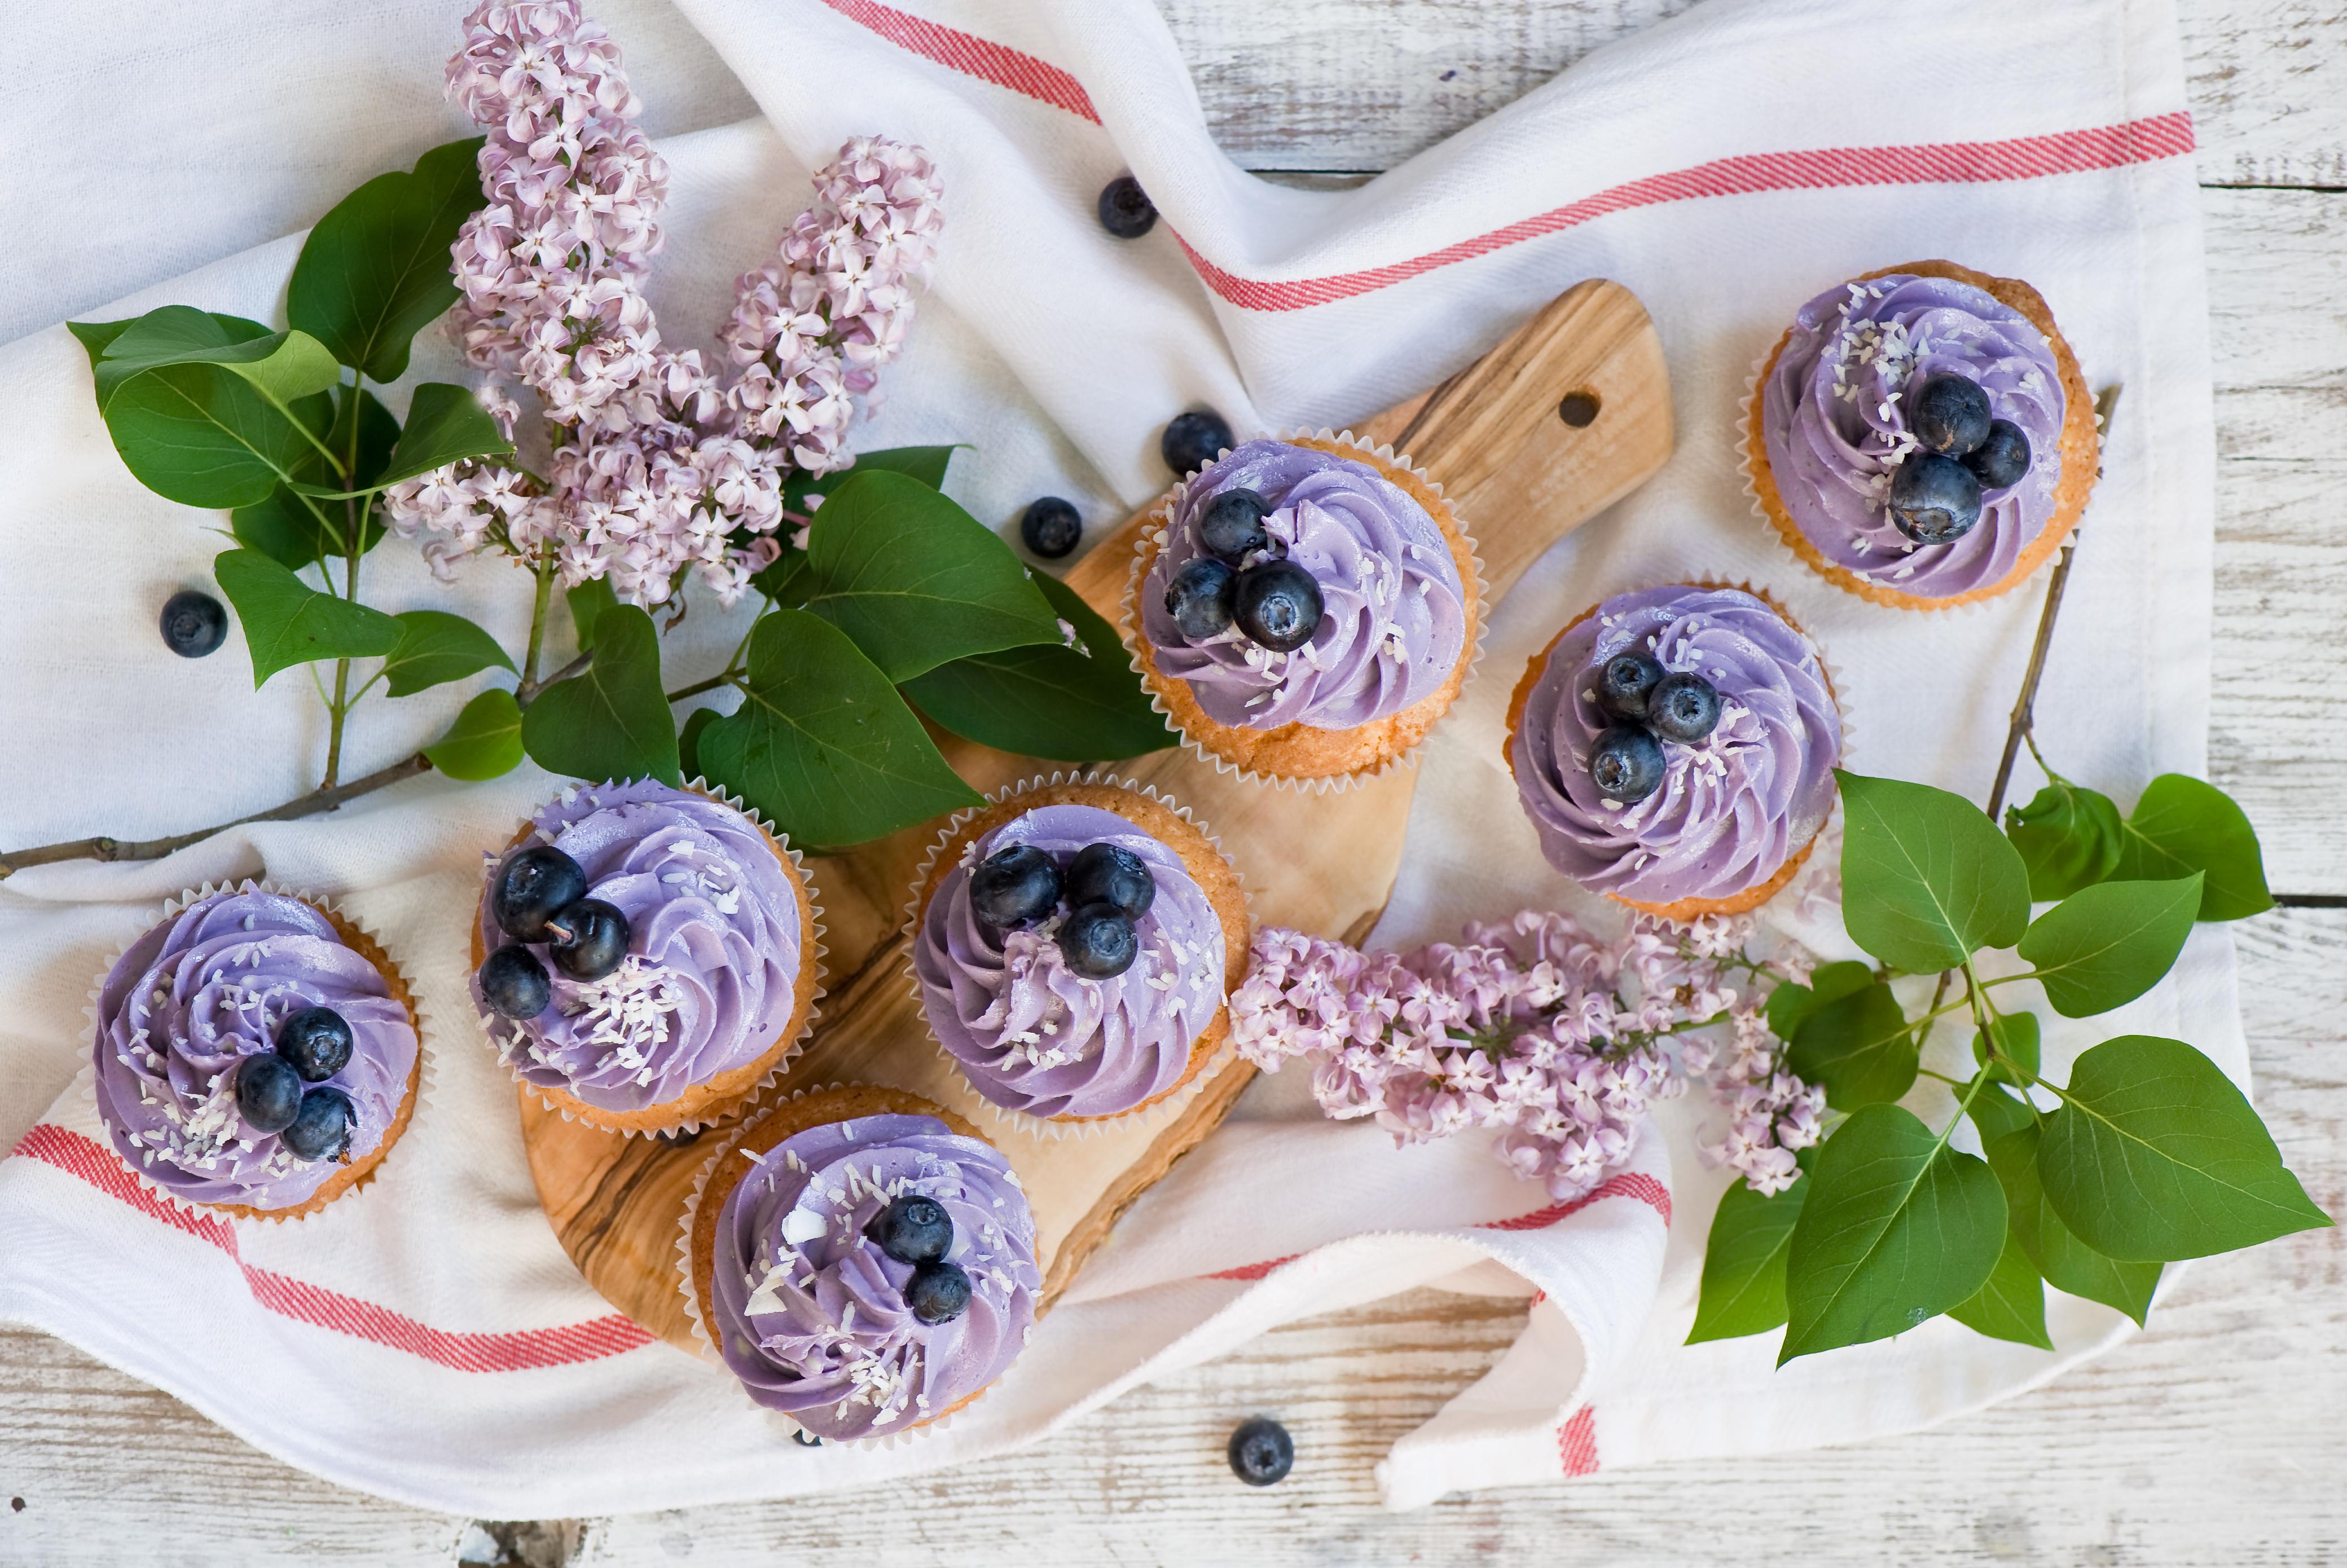 природа цветы сирень сахар блюдо  № 1154303 без смс